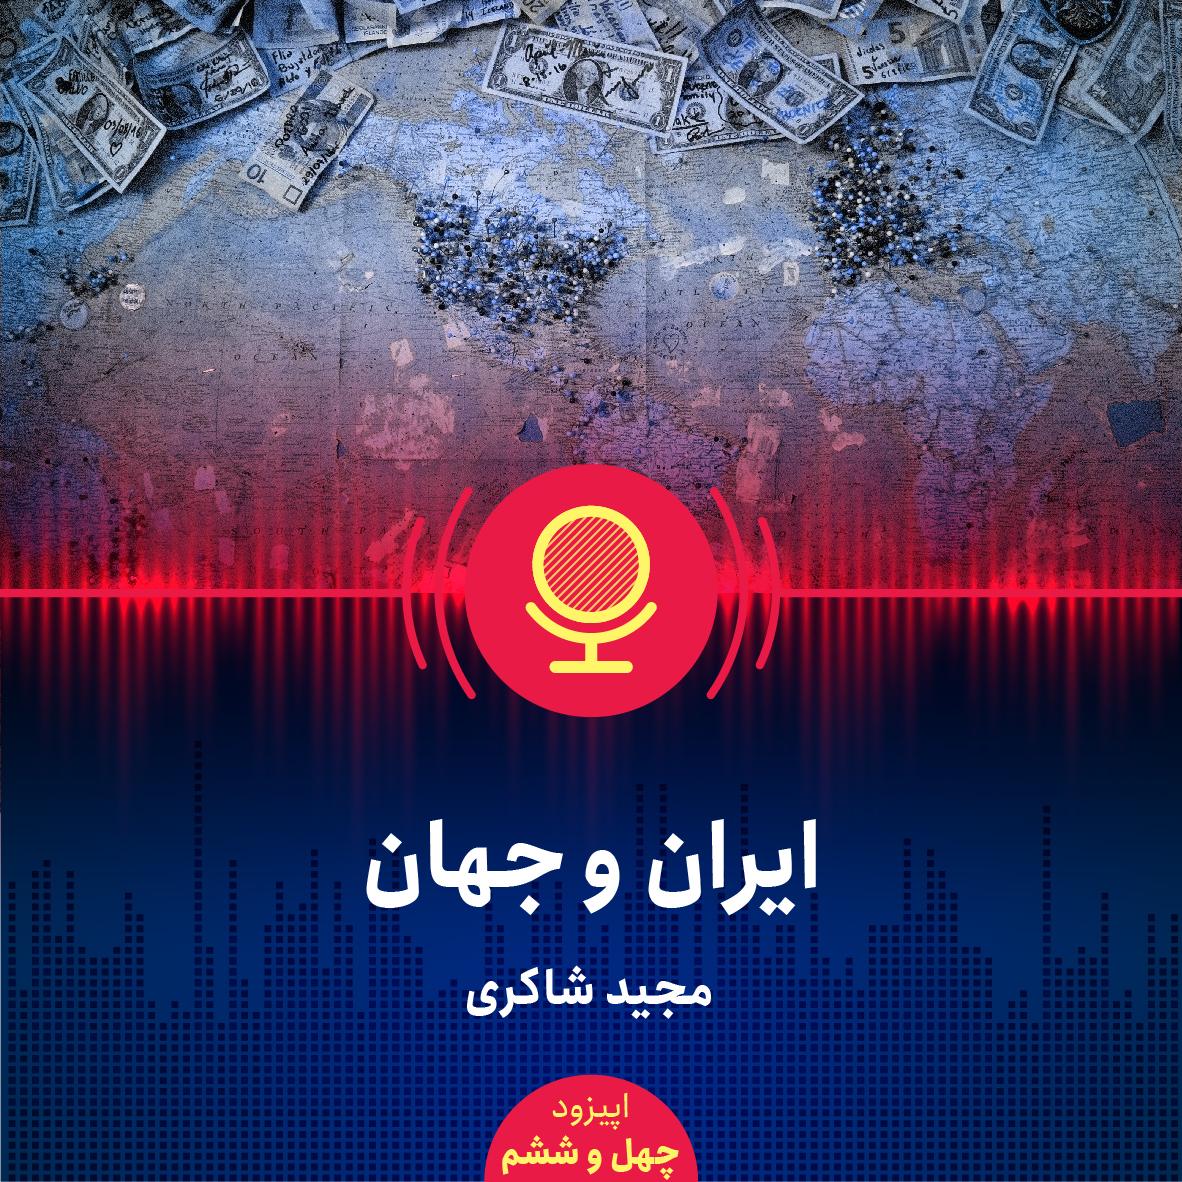 پادکست سکه | ایران و جهان